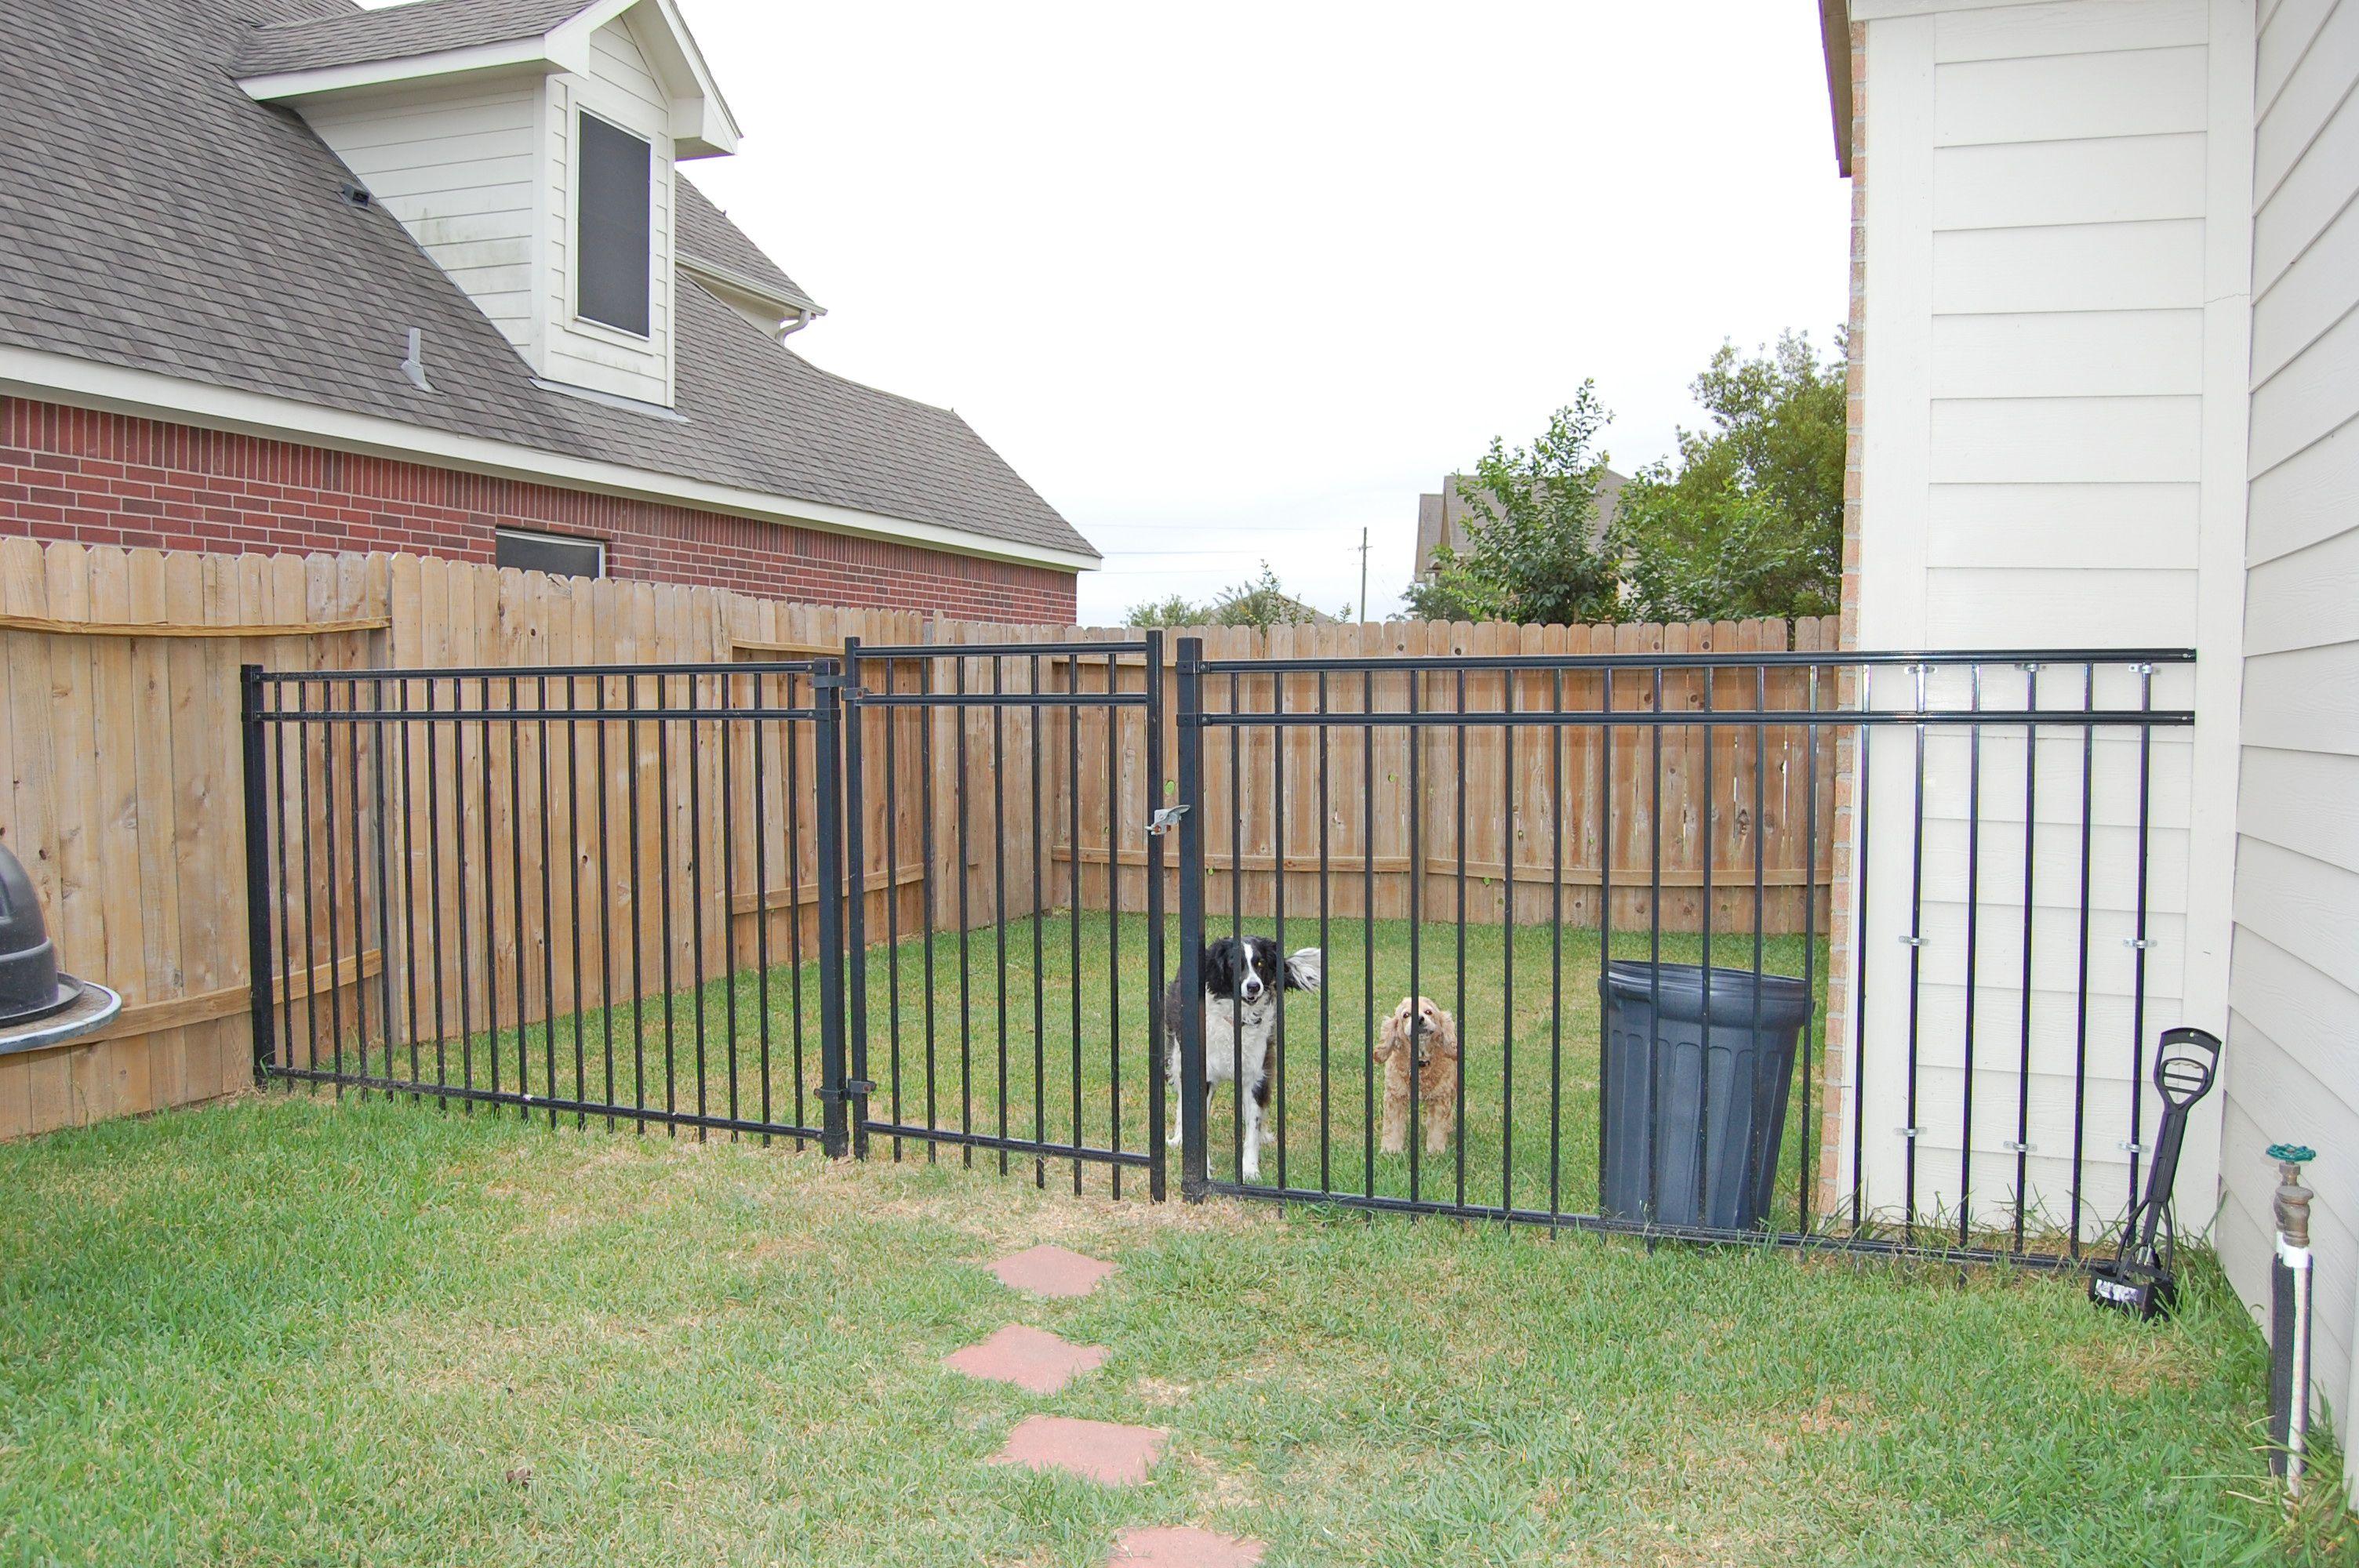 dog run in side yard | backyard bliss: dog runs | Pinterest